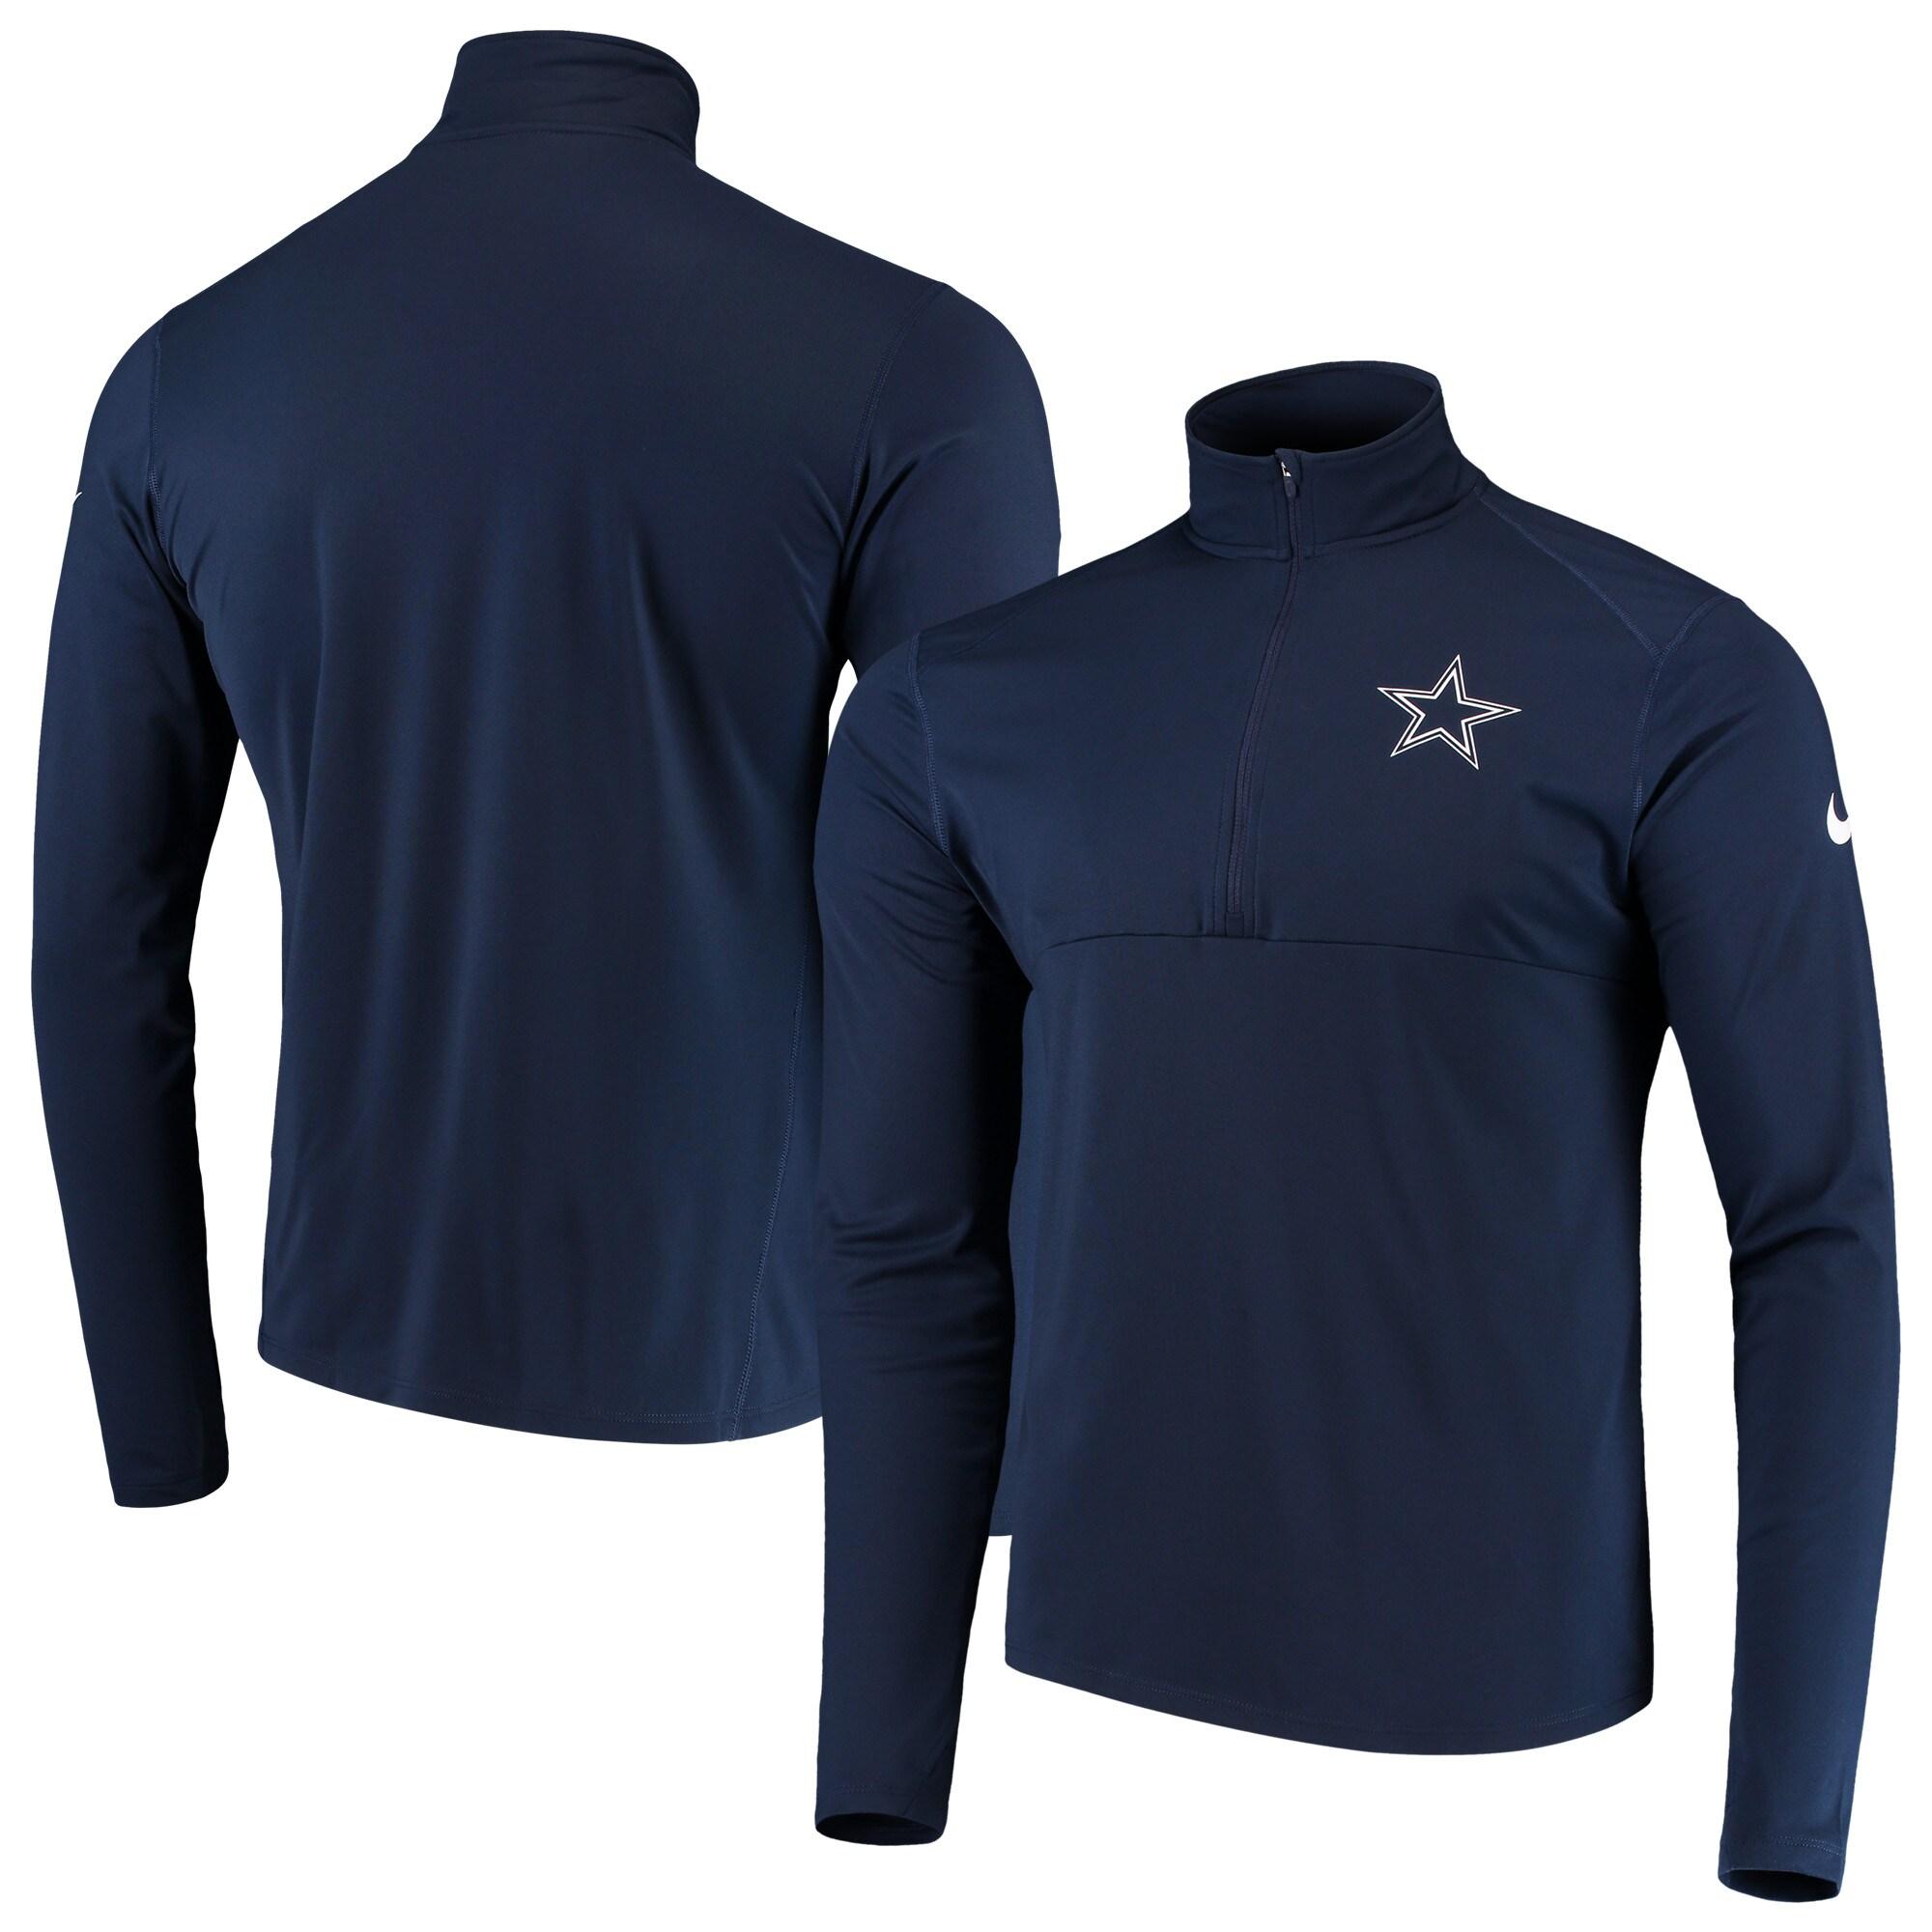 Dallas Cowboys Nike Fan Gear Element Half-Zip Performance Jacket - Navy